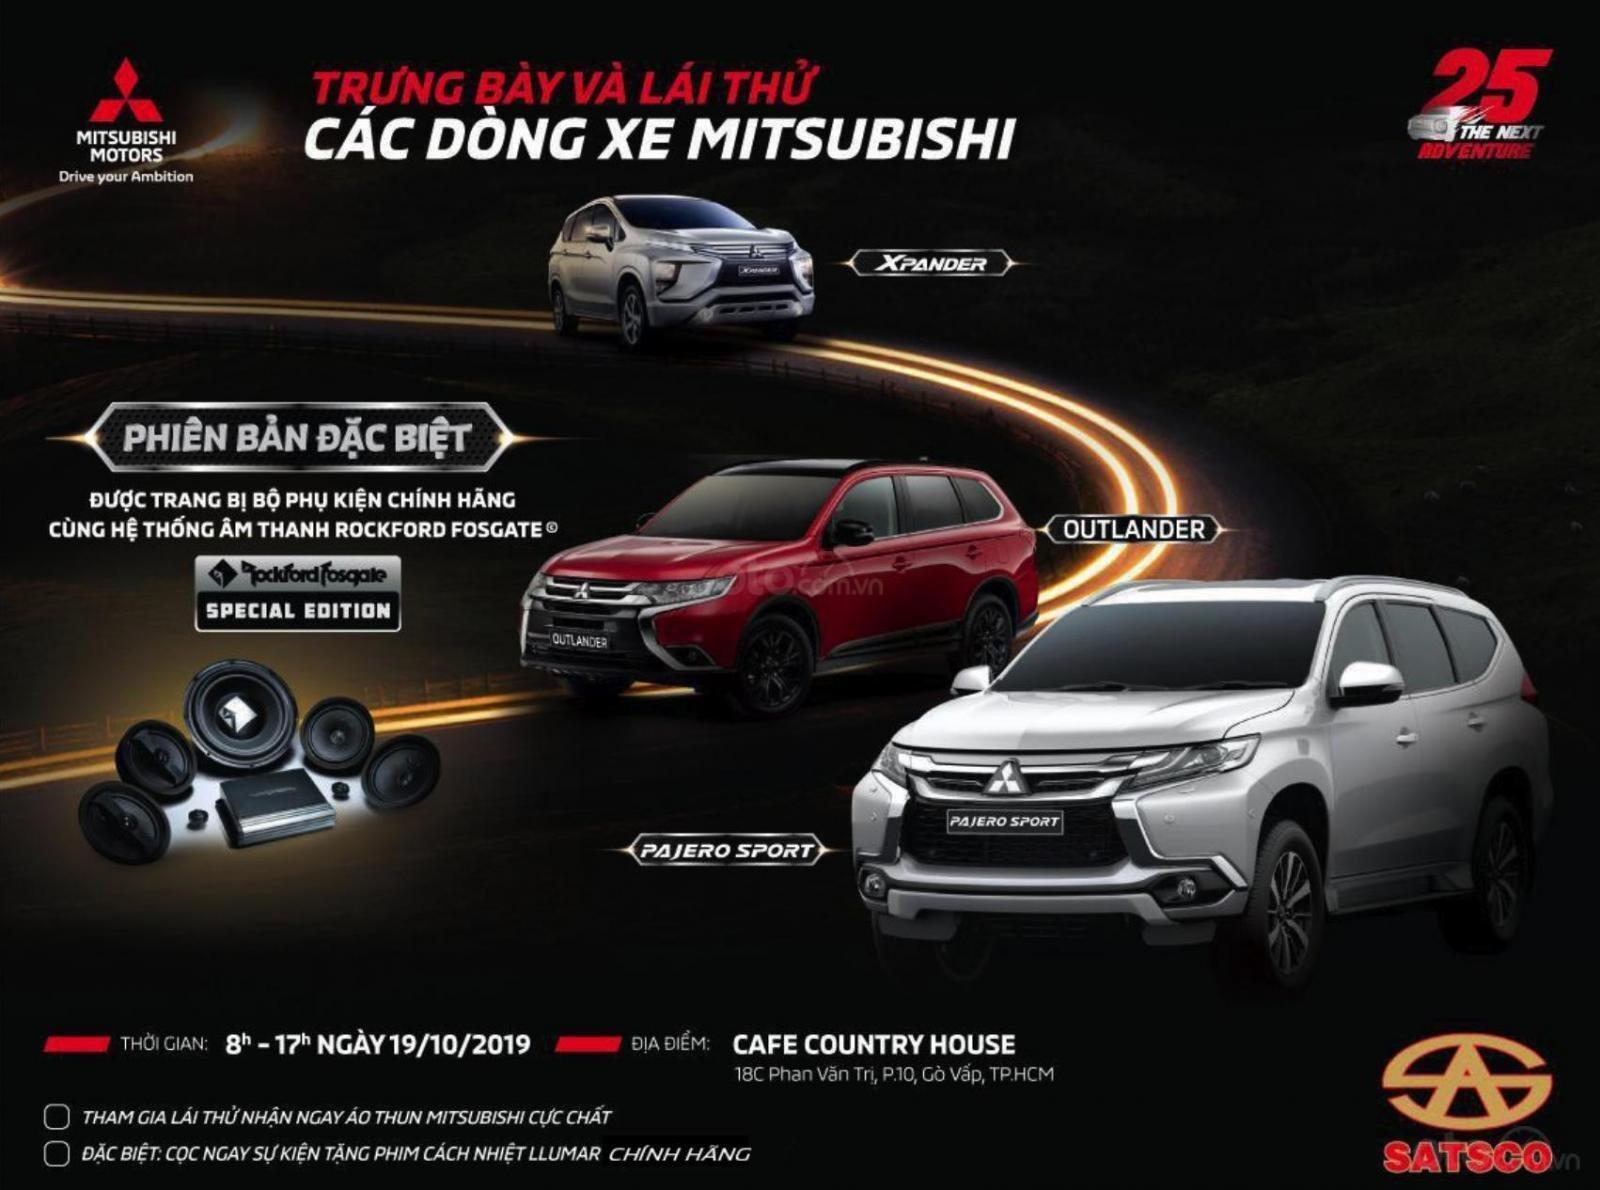 trung-bay-va-lai-thu-cac-dong-xe-mitsubishi-satsco-tai-go-vap-ngay-19-10-2019